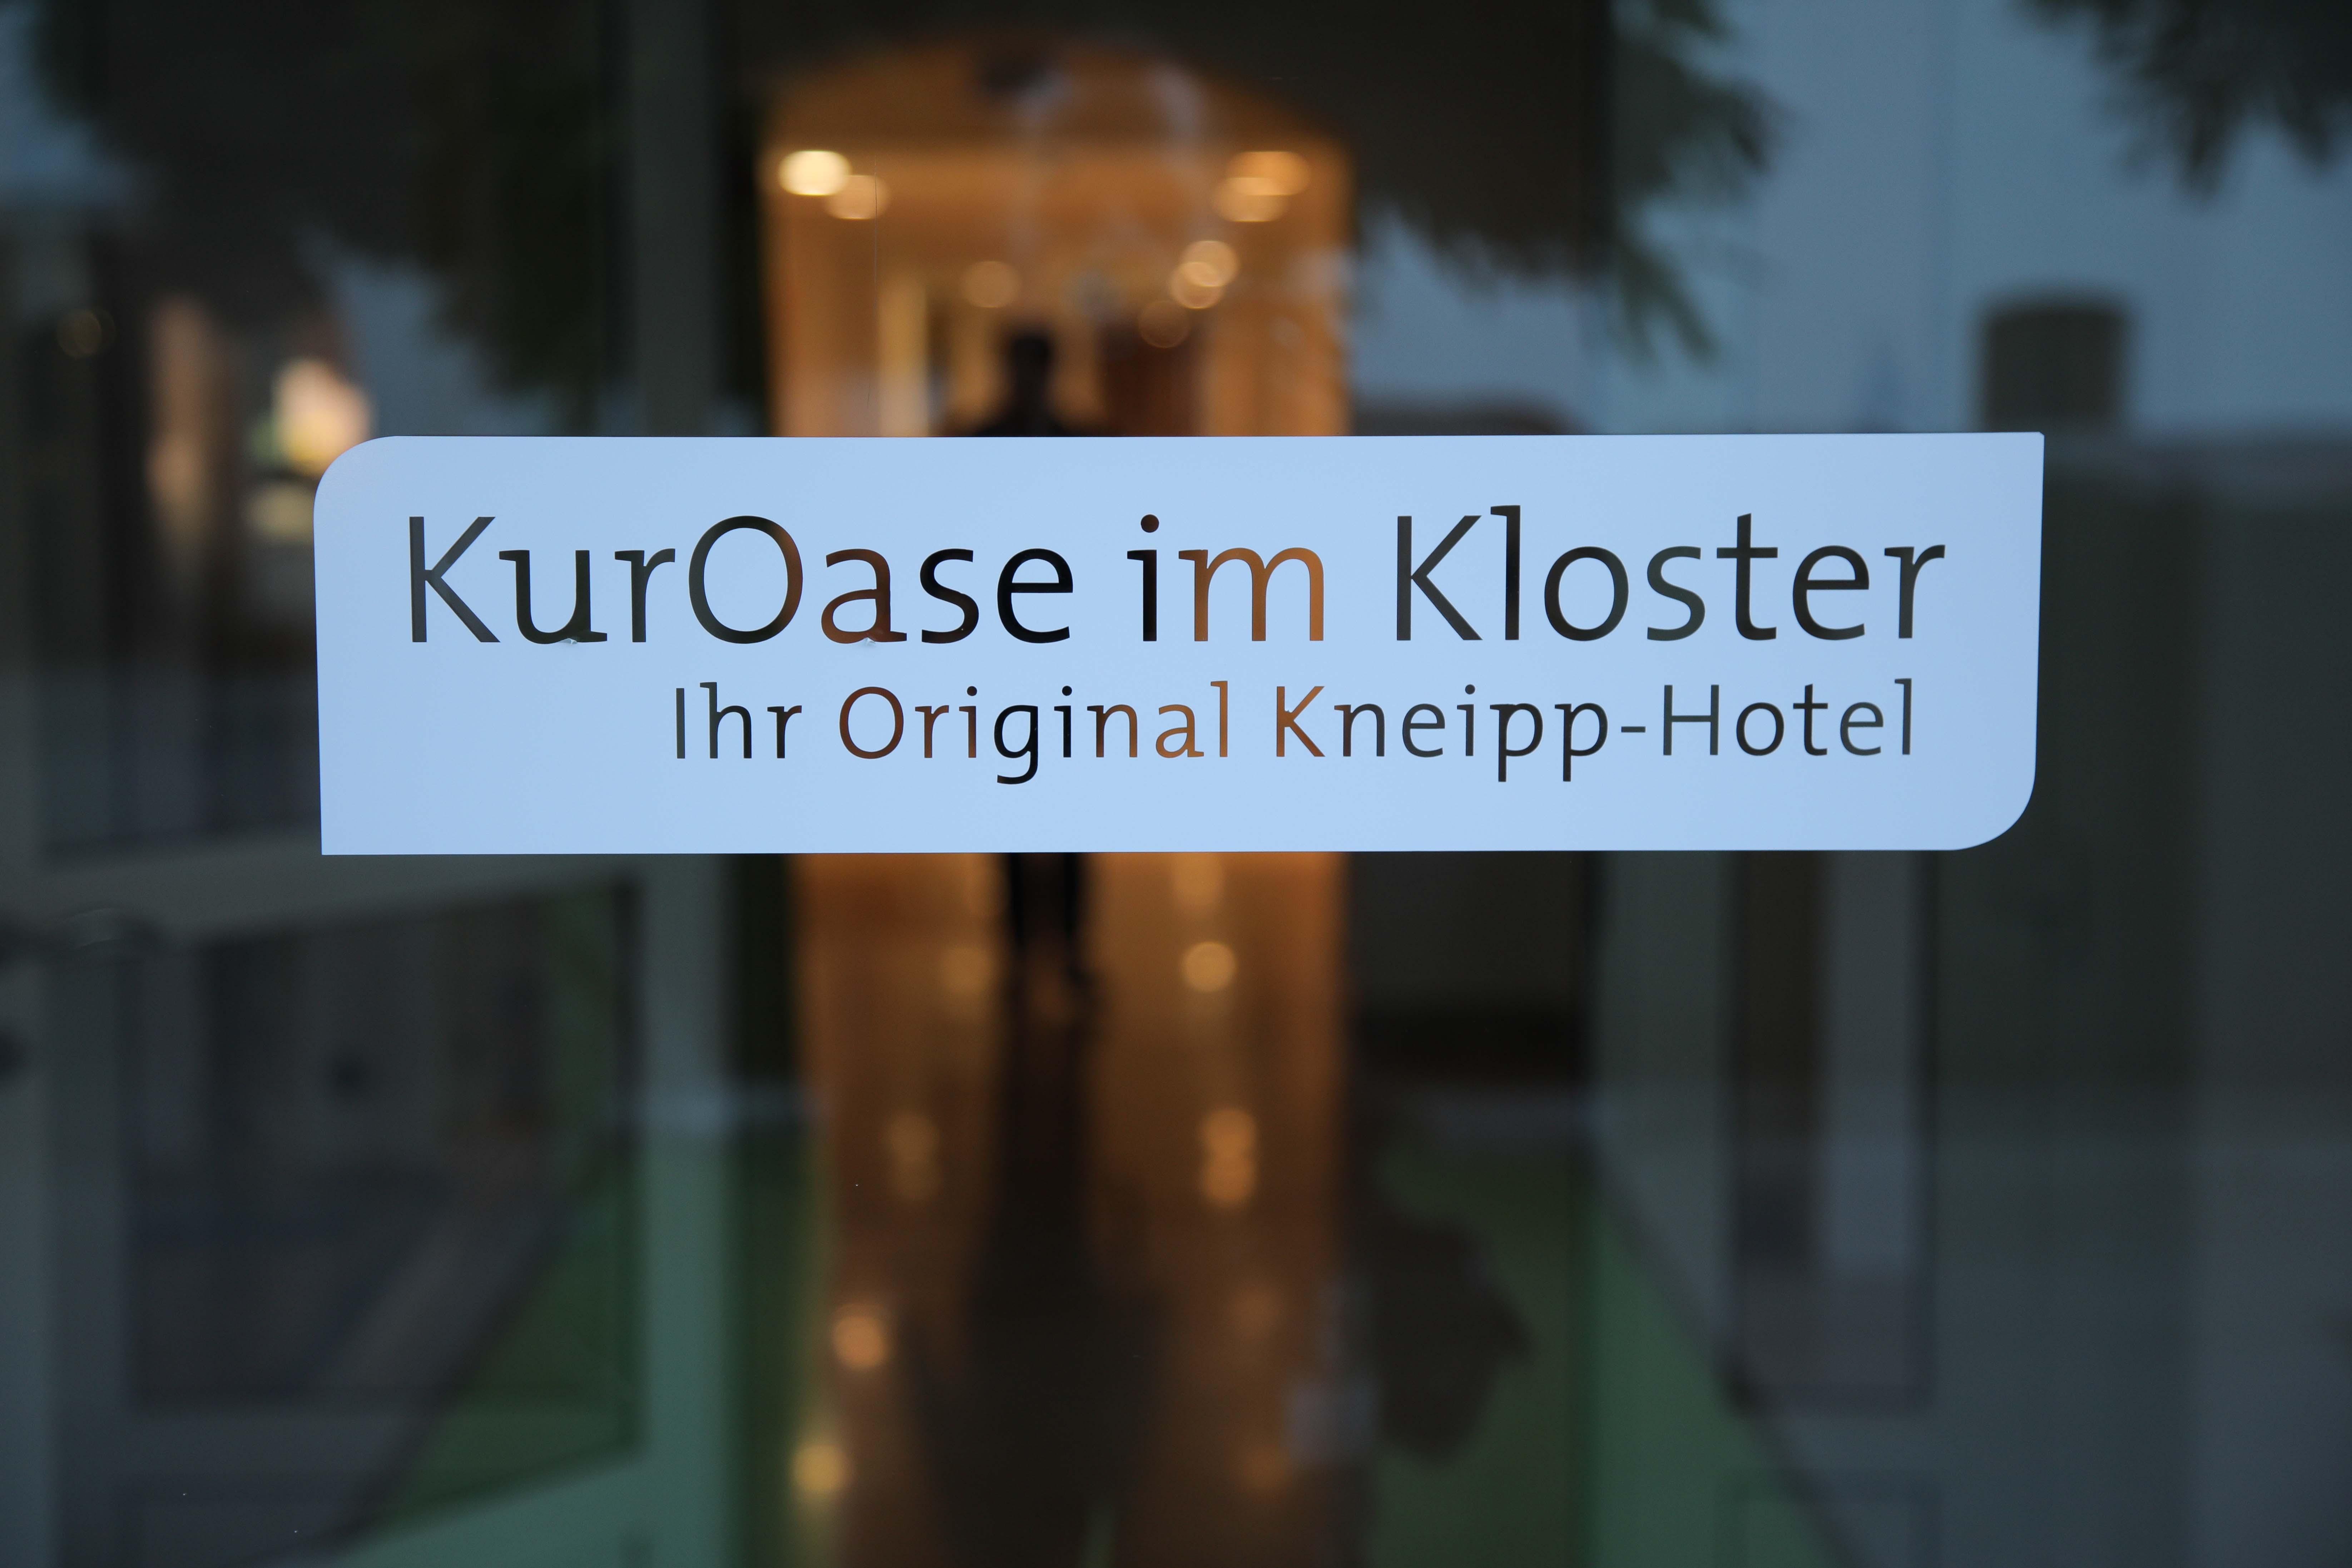 Eingang KurOase im Kloster Hotel